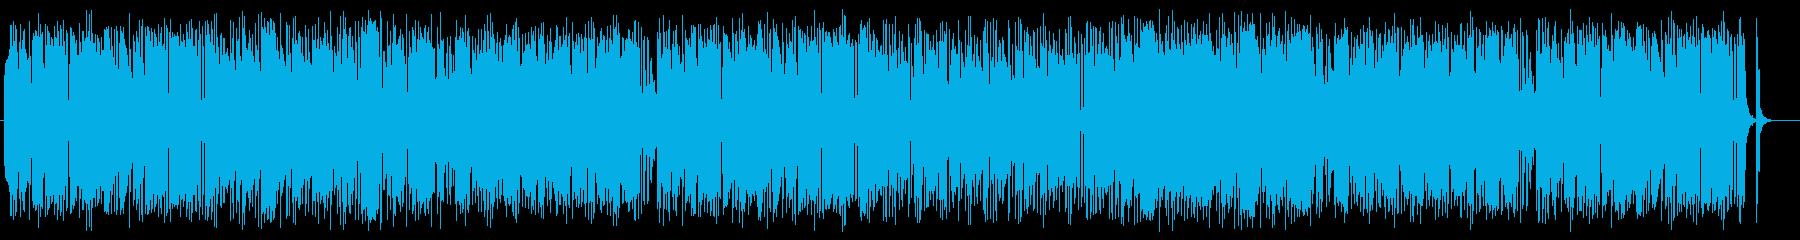 弾むようなかわいいポップミュージックの再生済みの波形